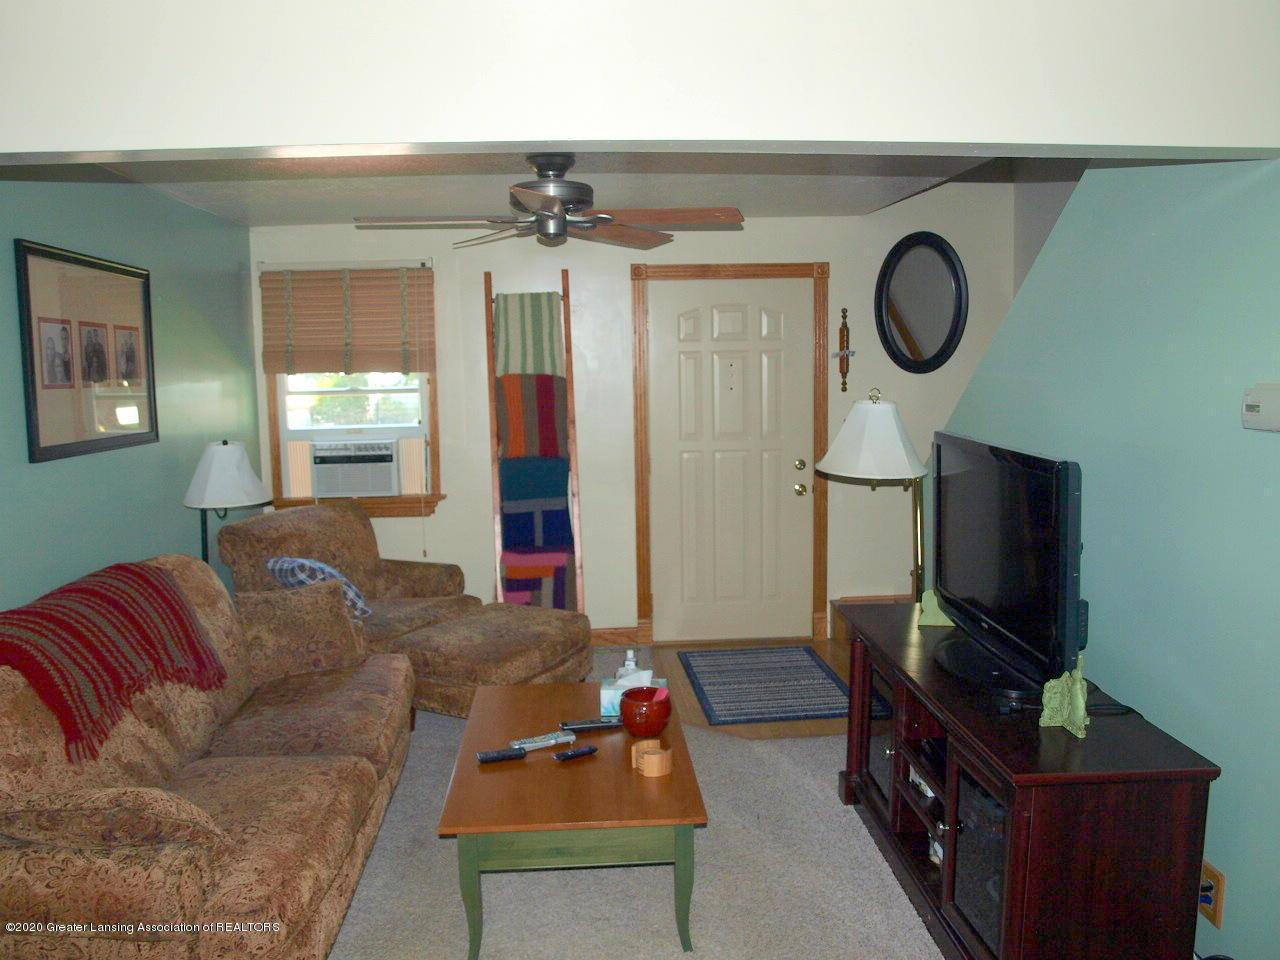 300 S Swegles St - living room - 9